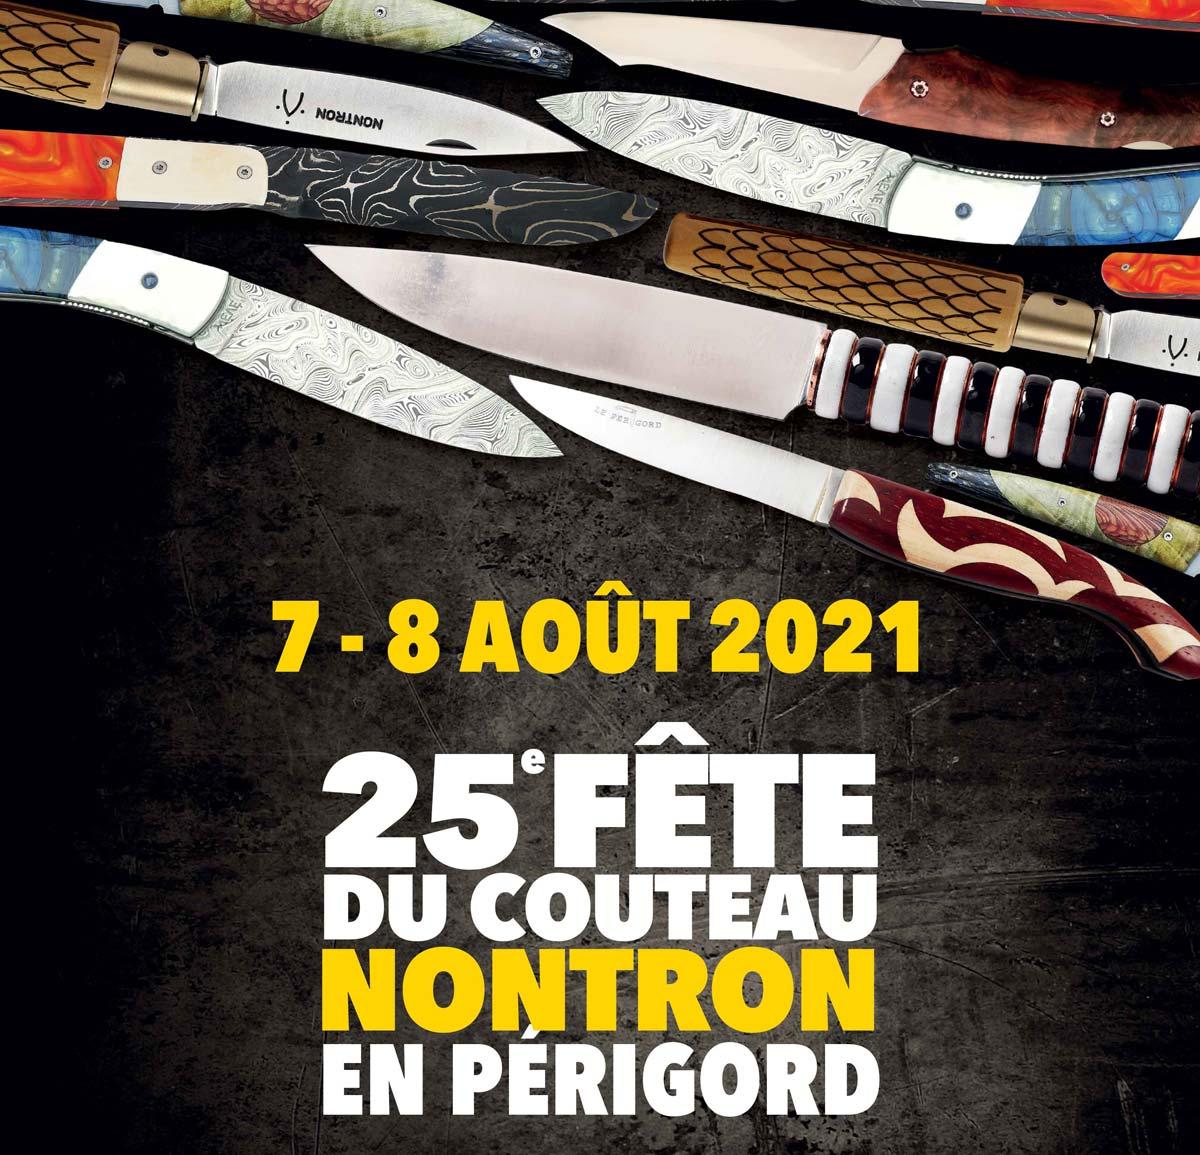 Fête du couteau à Nontron 2021